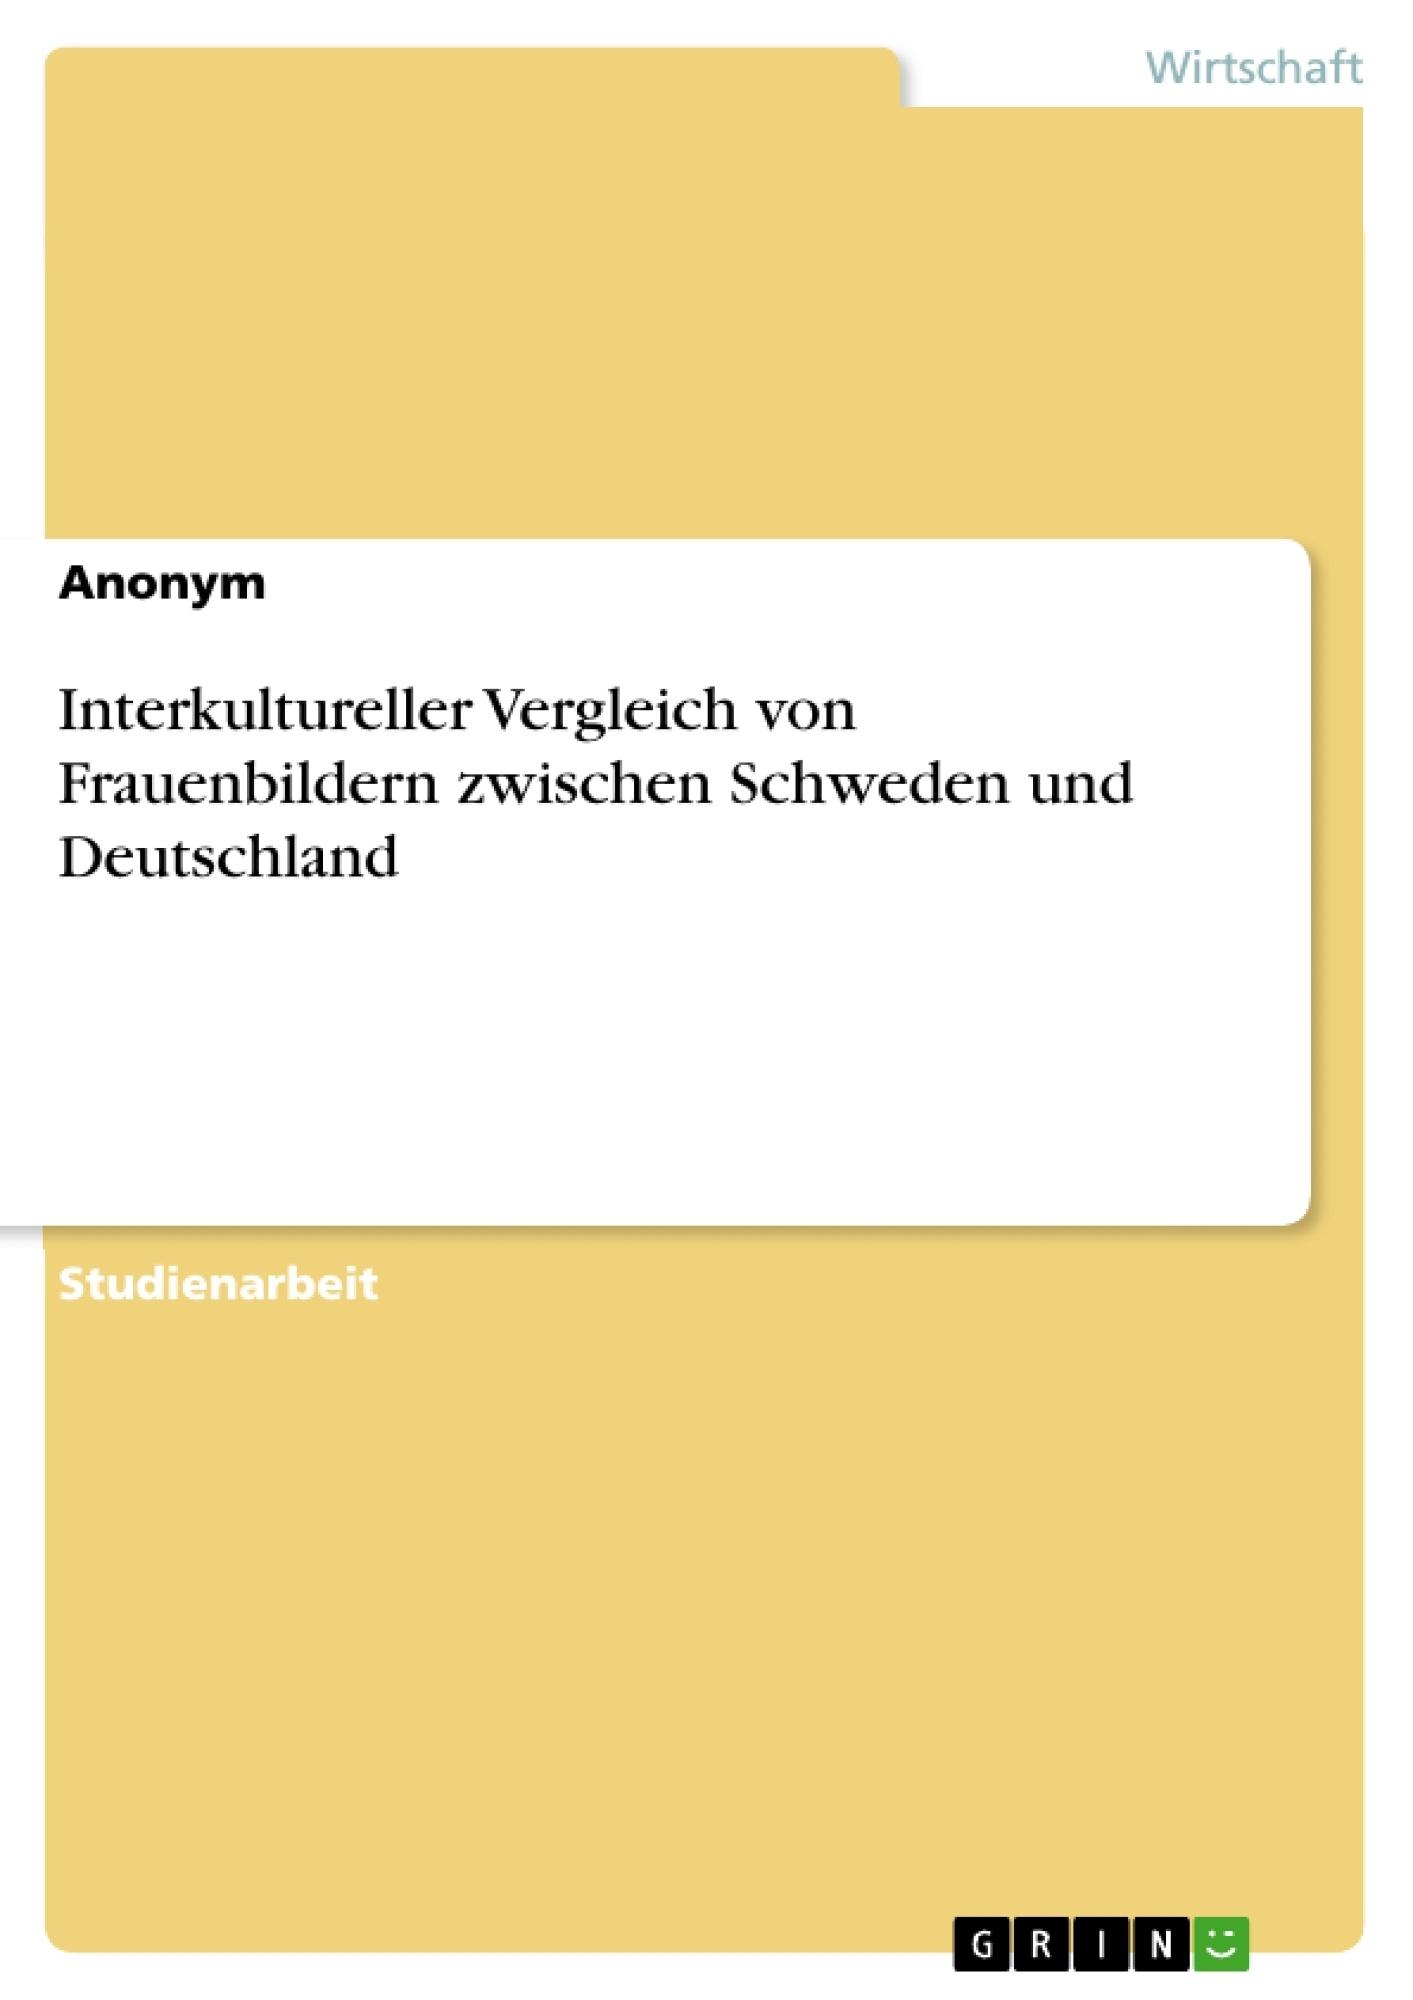 Titel: Interkultureller Vergleich von Frauenbildern zwischen Schweden und Deutschland